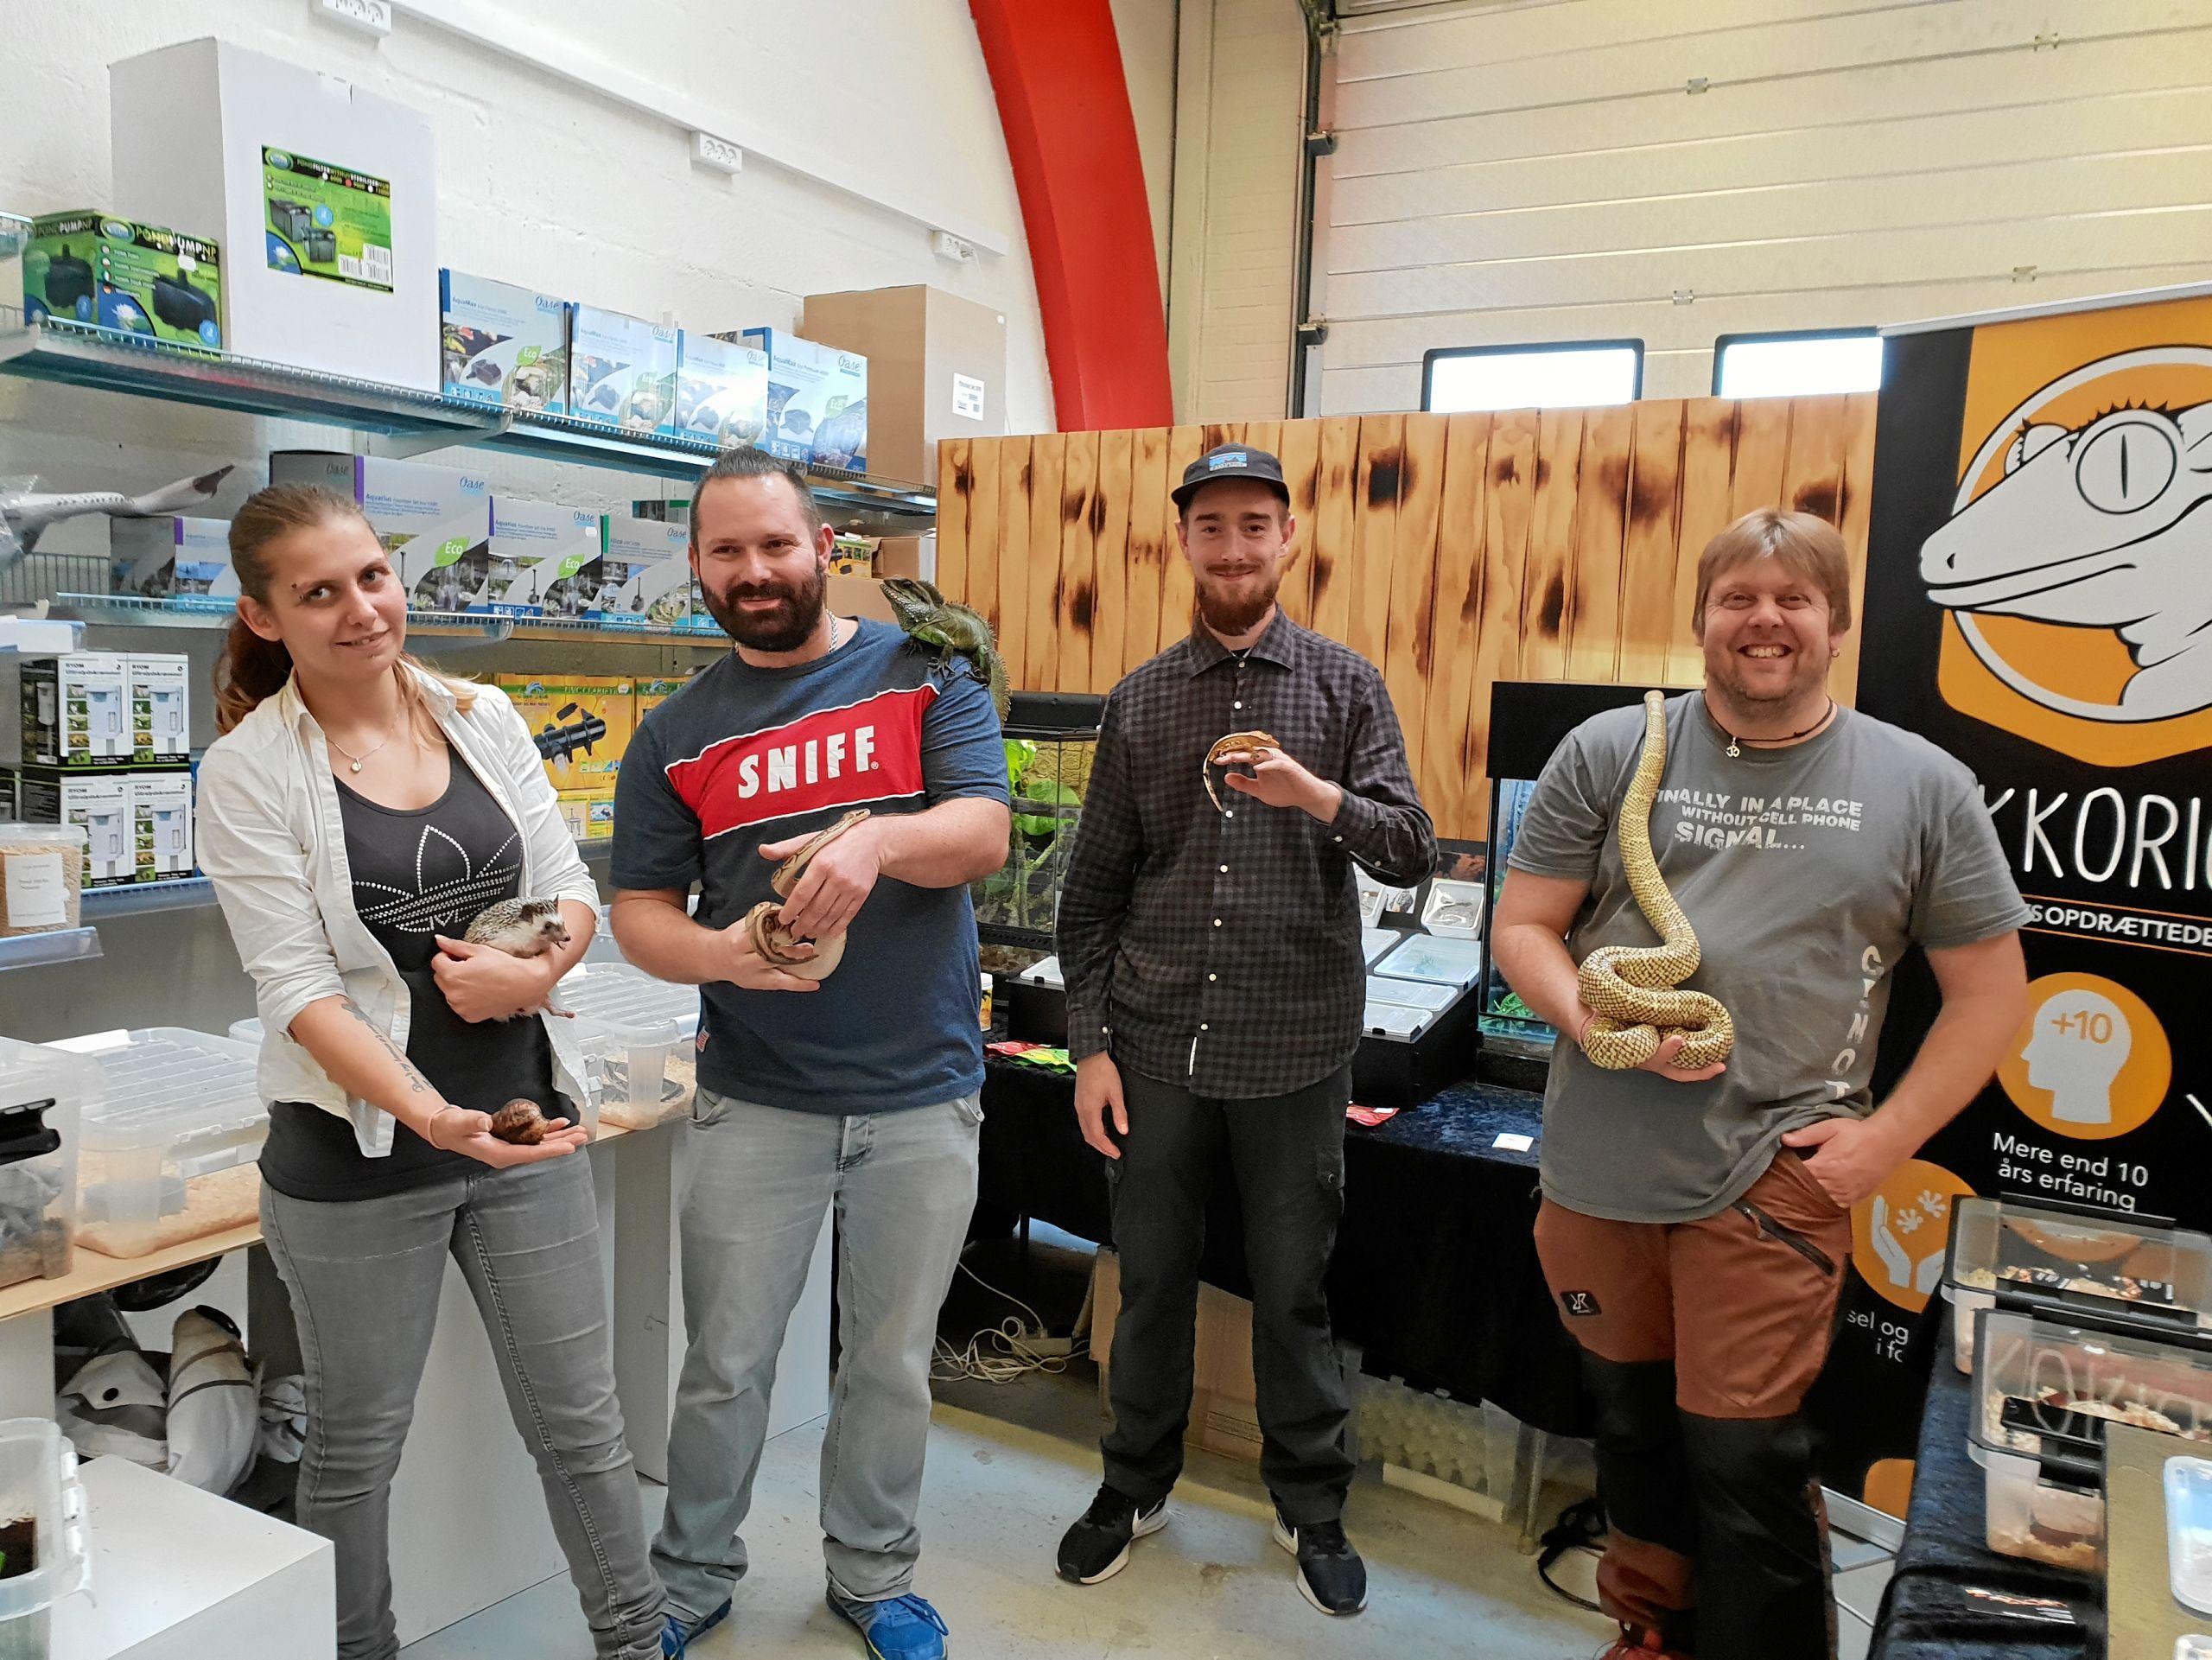 Hobbyfolkene stillede op med deres hobbydyr i Lunds Dyrehandel.